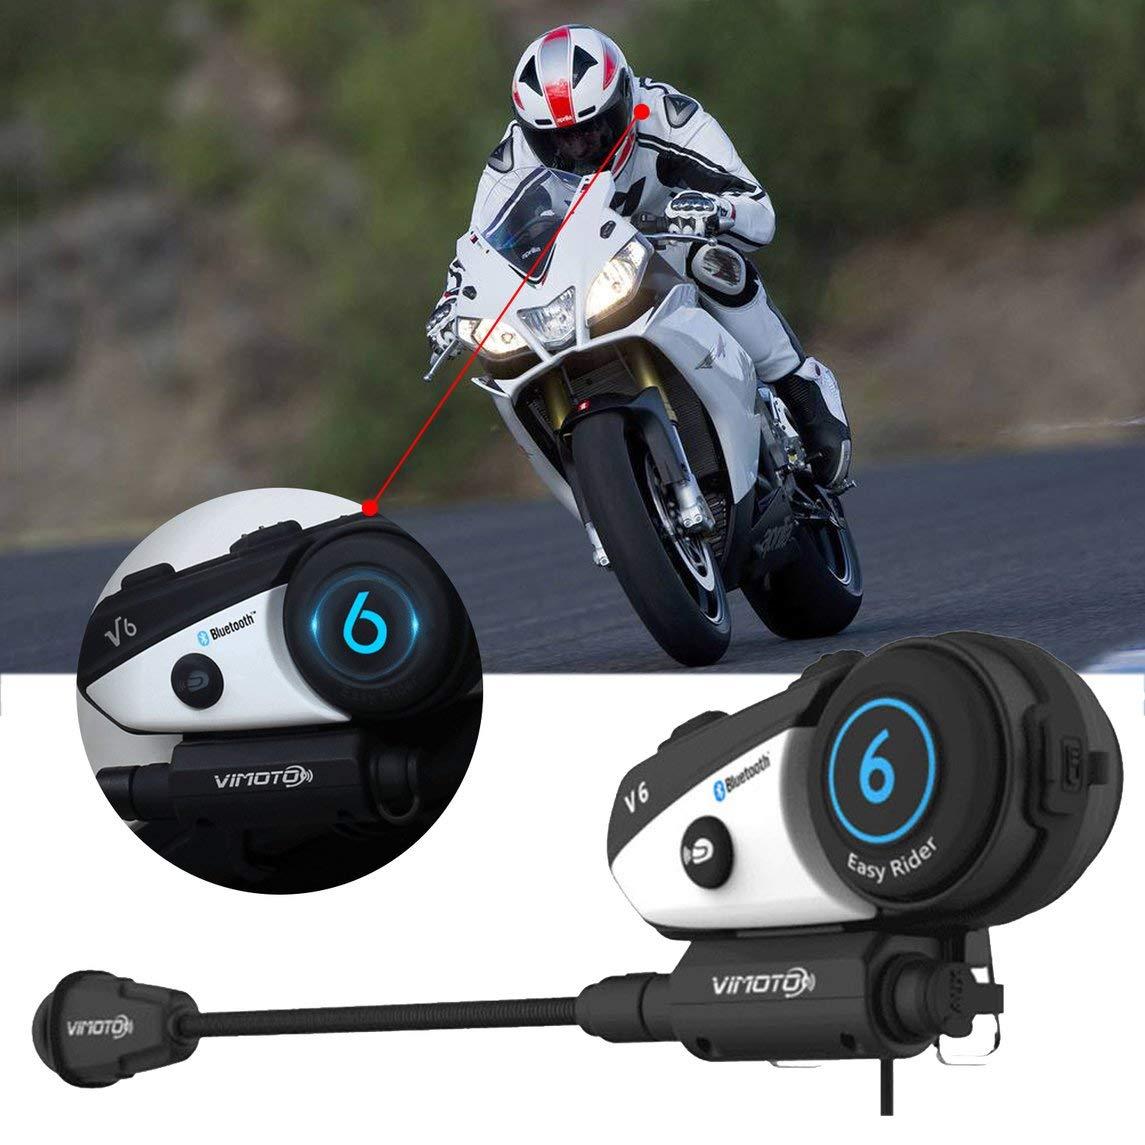 YXTFN Helmet Headset Easy Rider Moto Vimoto V6 Stereo Headphones For Cell Phone